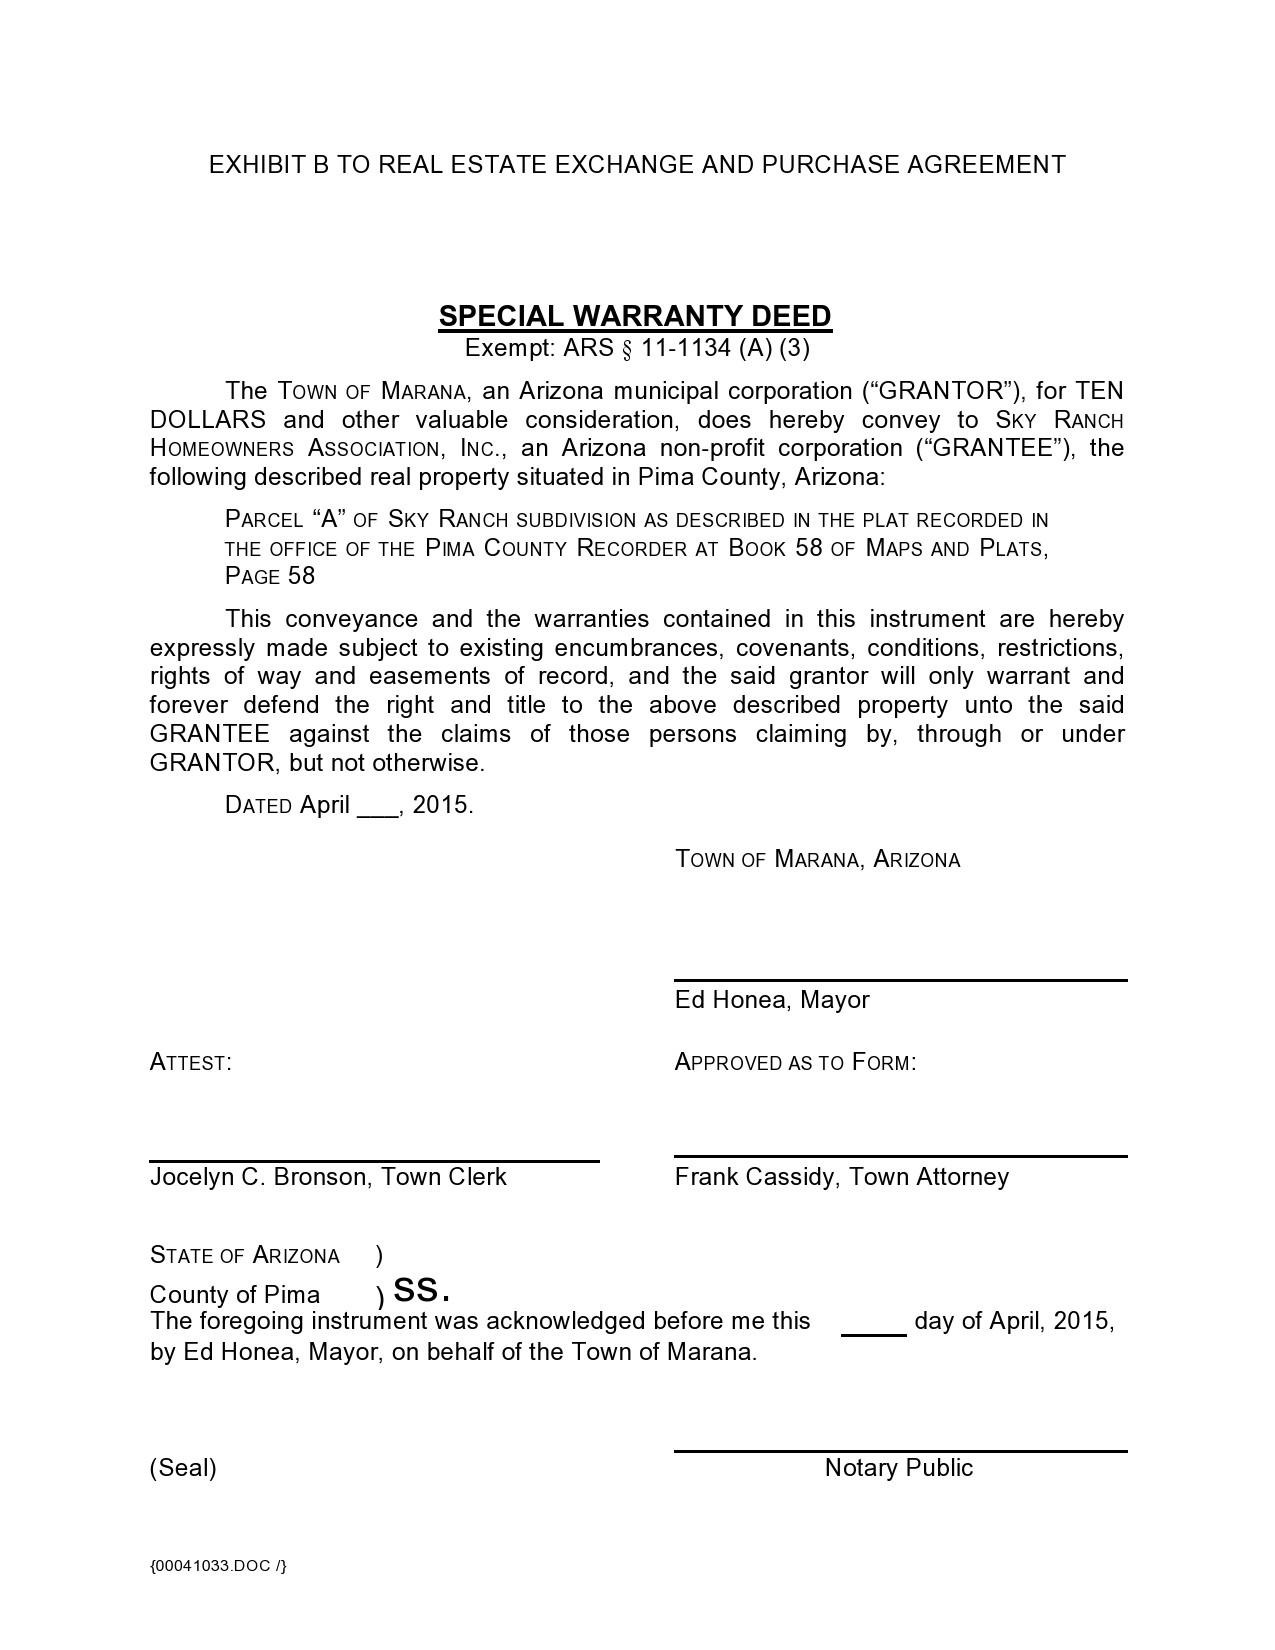 Free warranty deed form 18